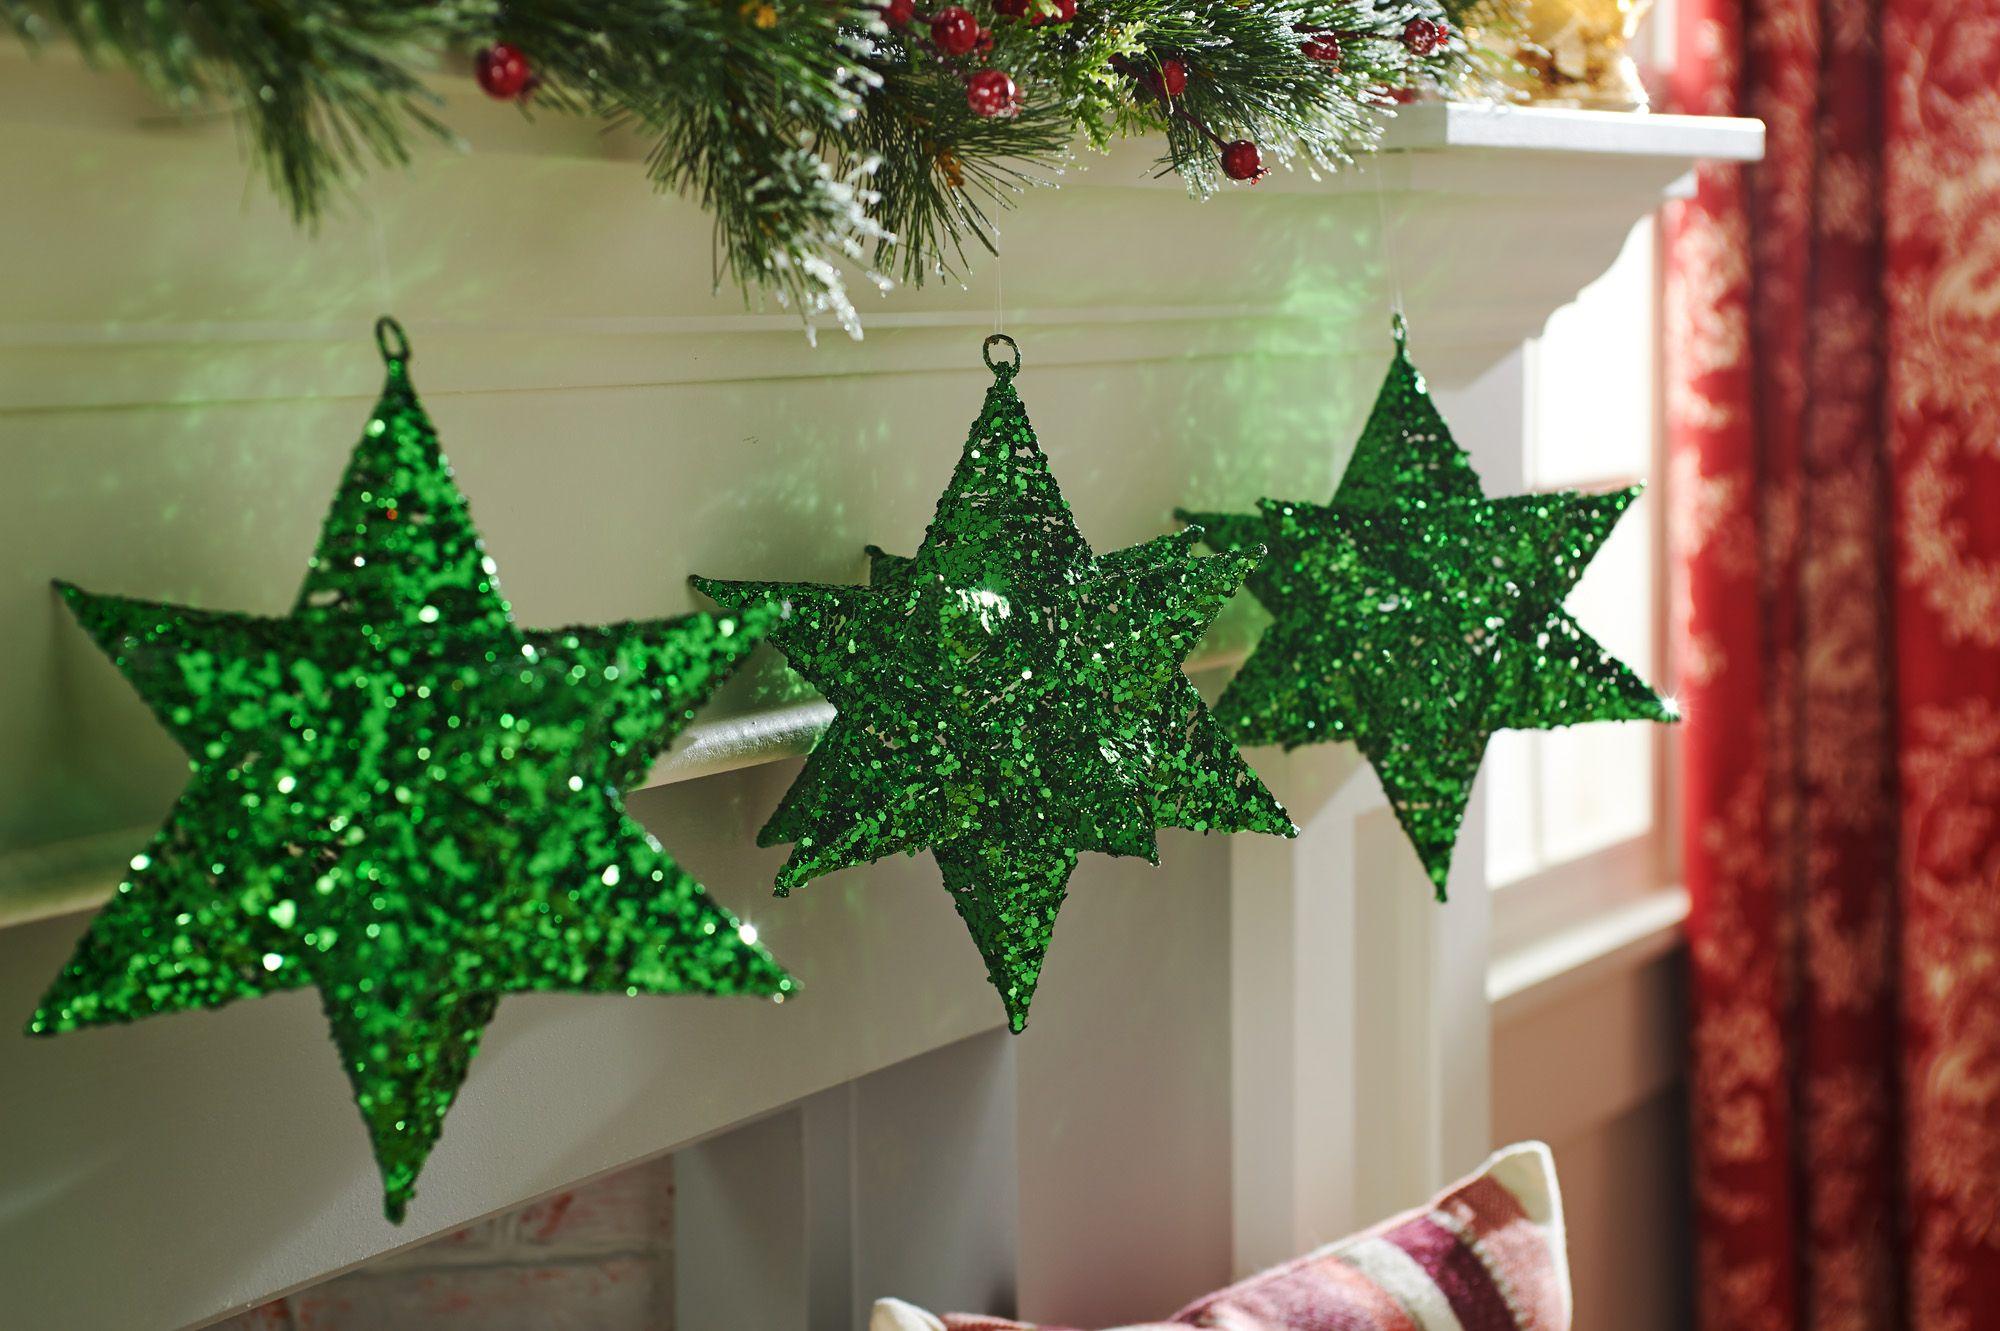 H211503 Http Qvc Co Shop Valerieparrhill Valerie Parr Hill Christmas Christmas Holidays Christmas Star